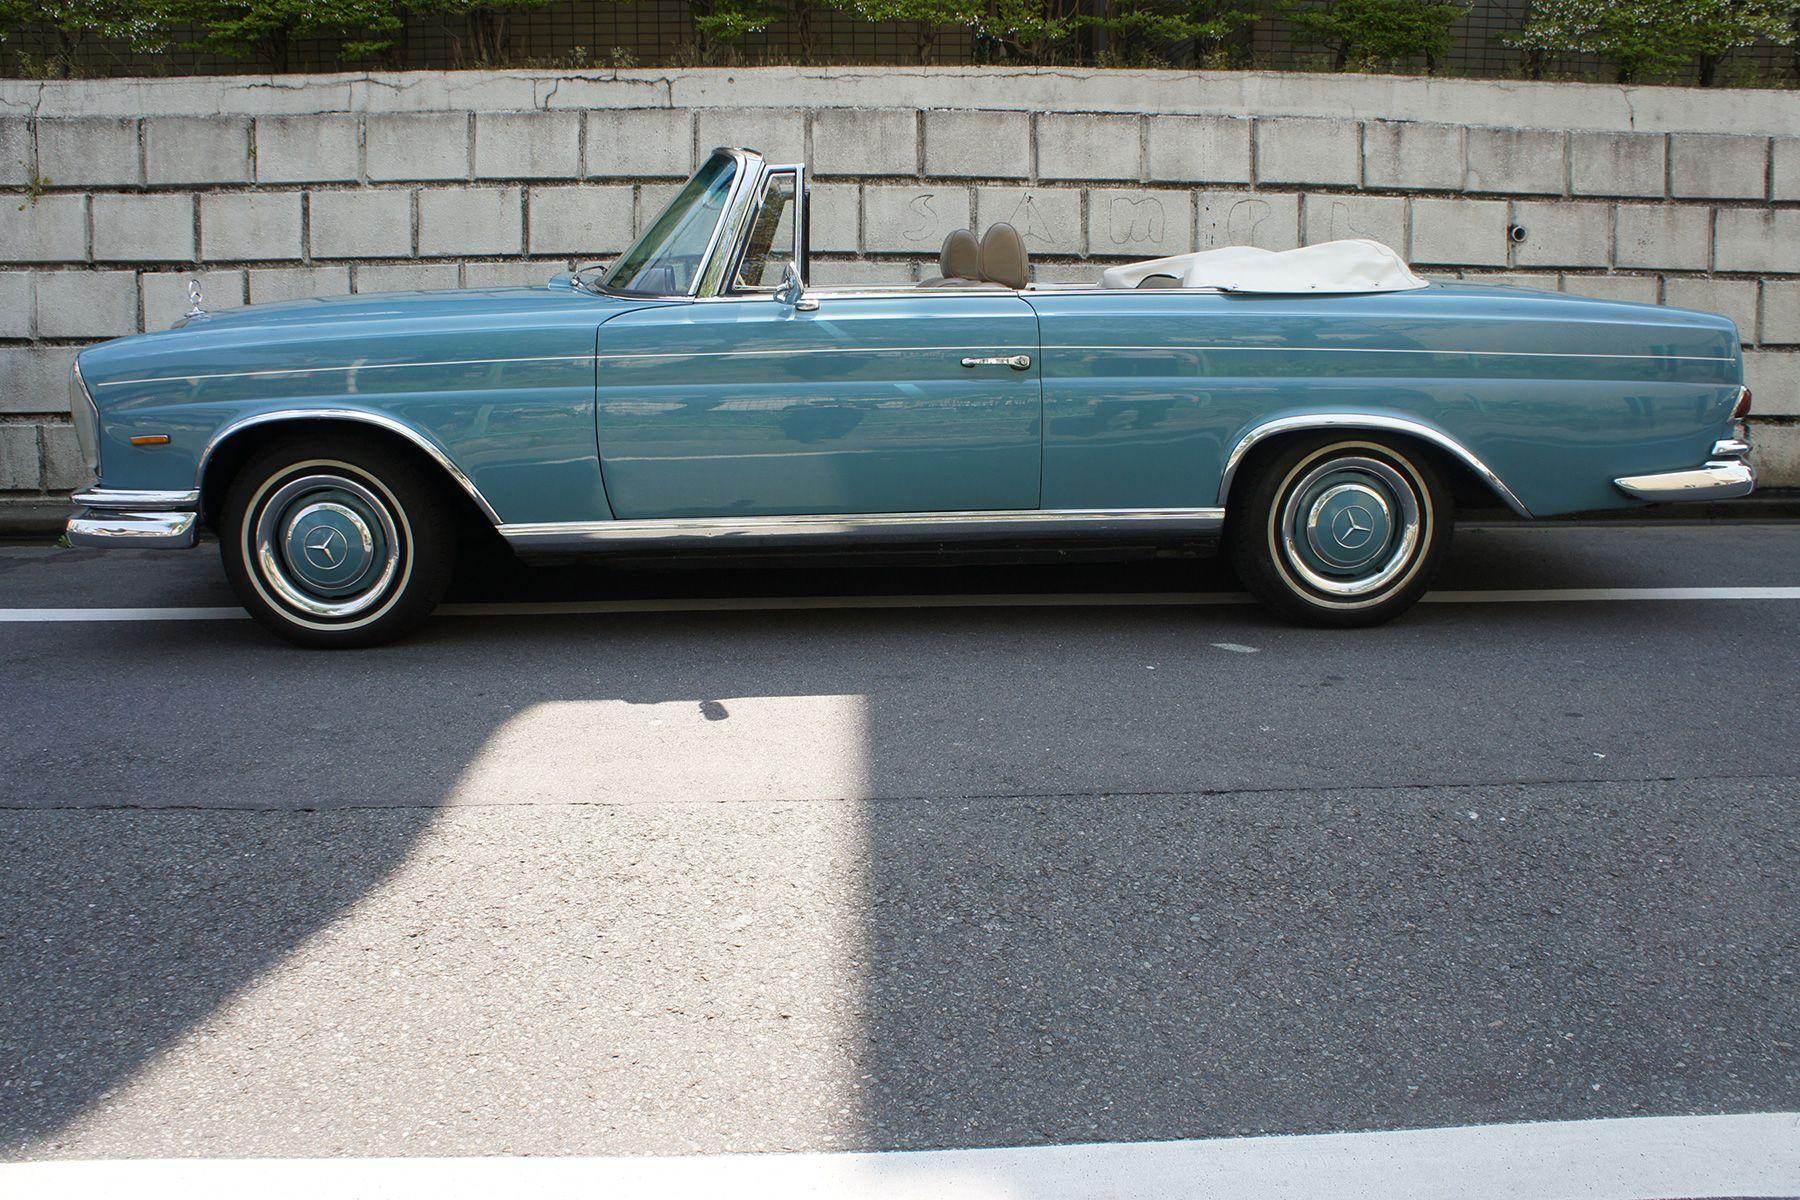 ガレージ310 (ガレージミト)65年 250SE カブリオレ ブルー